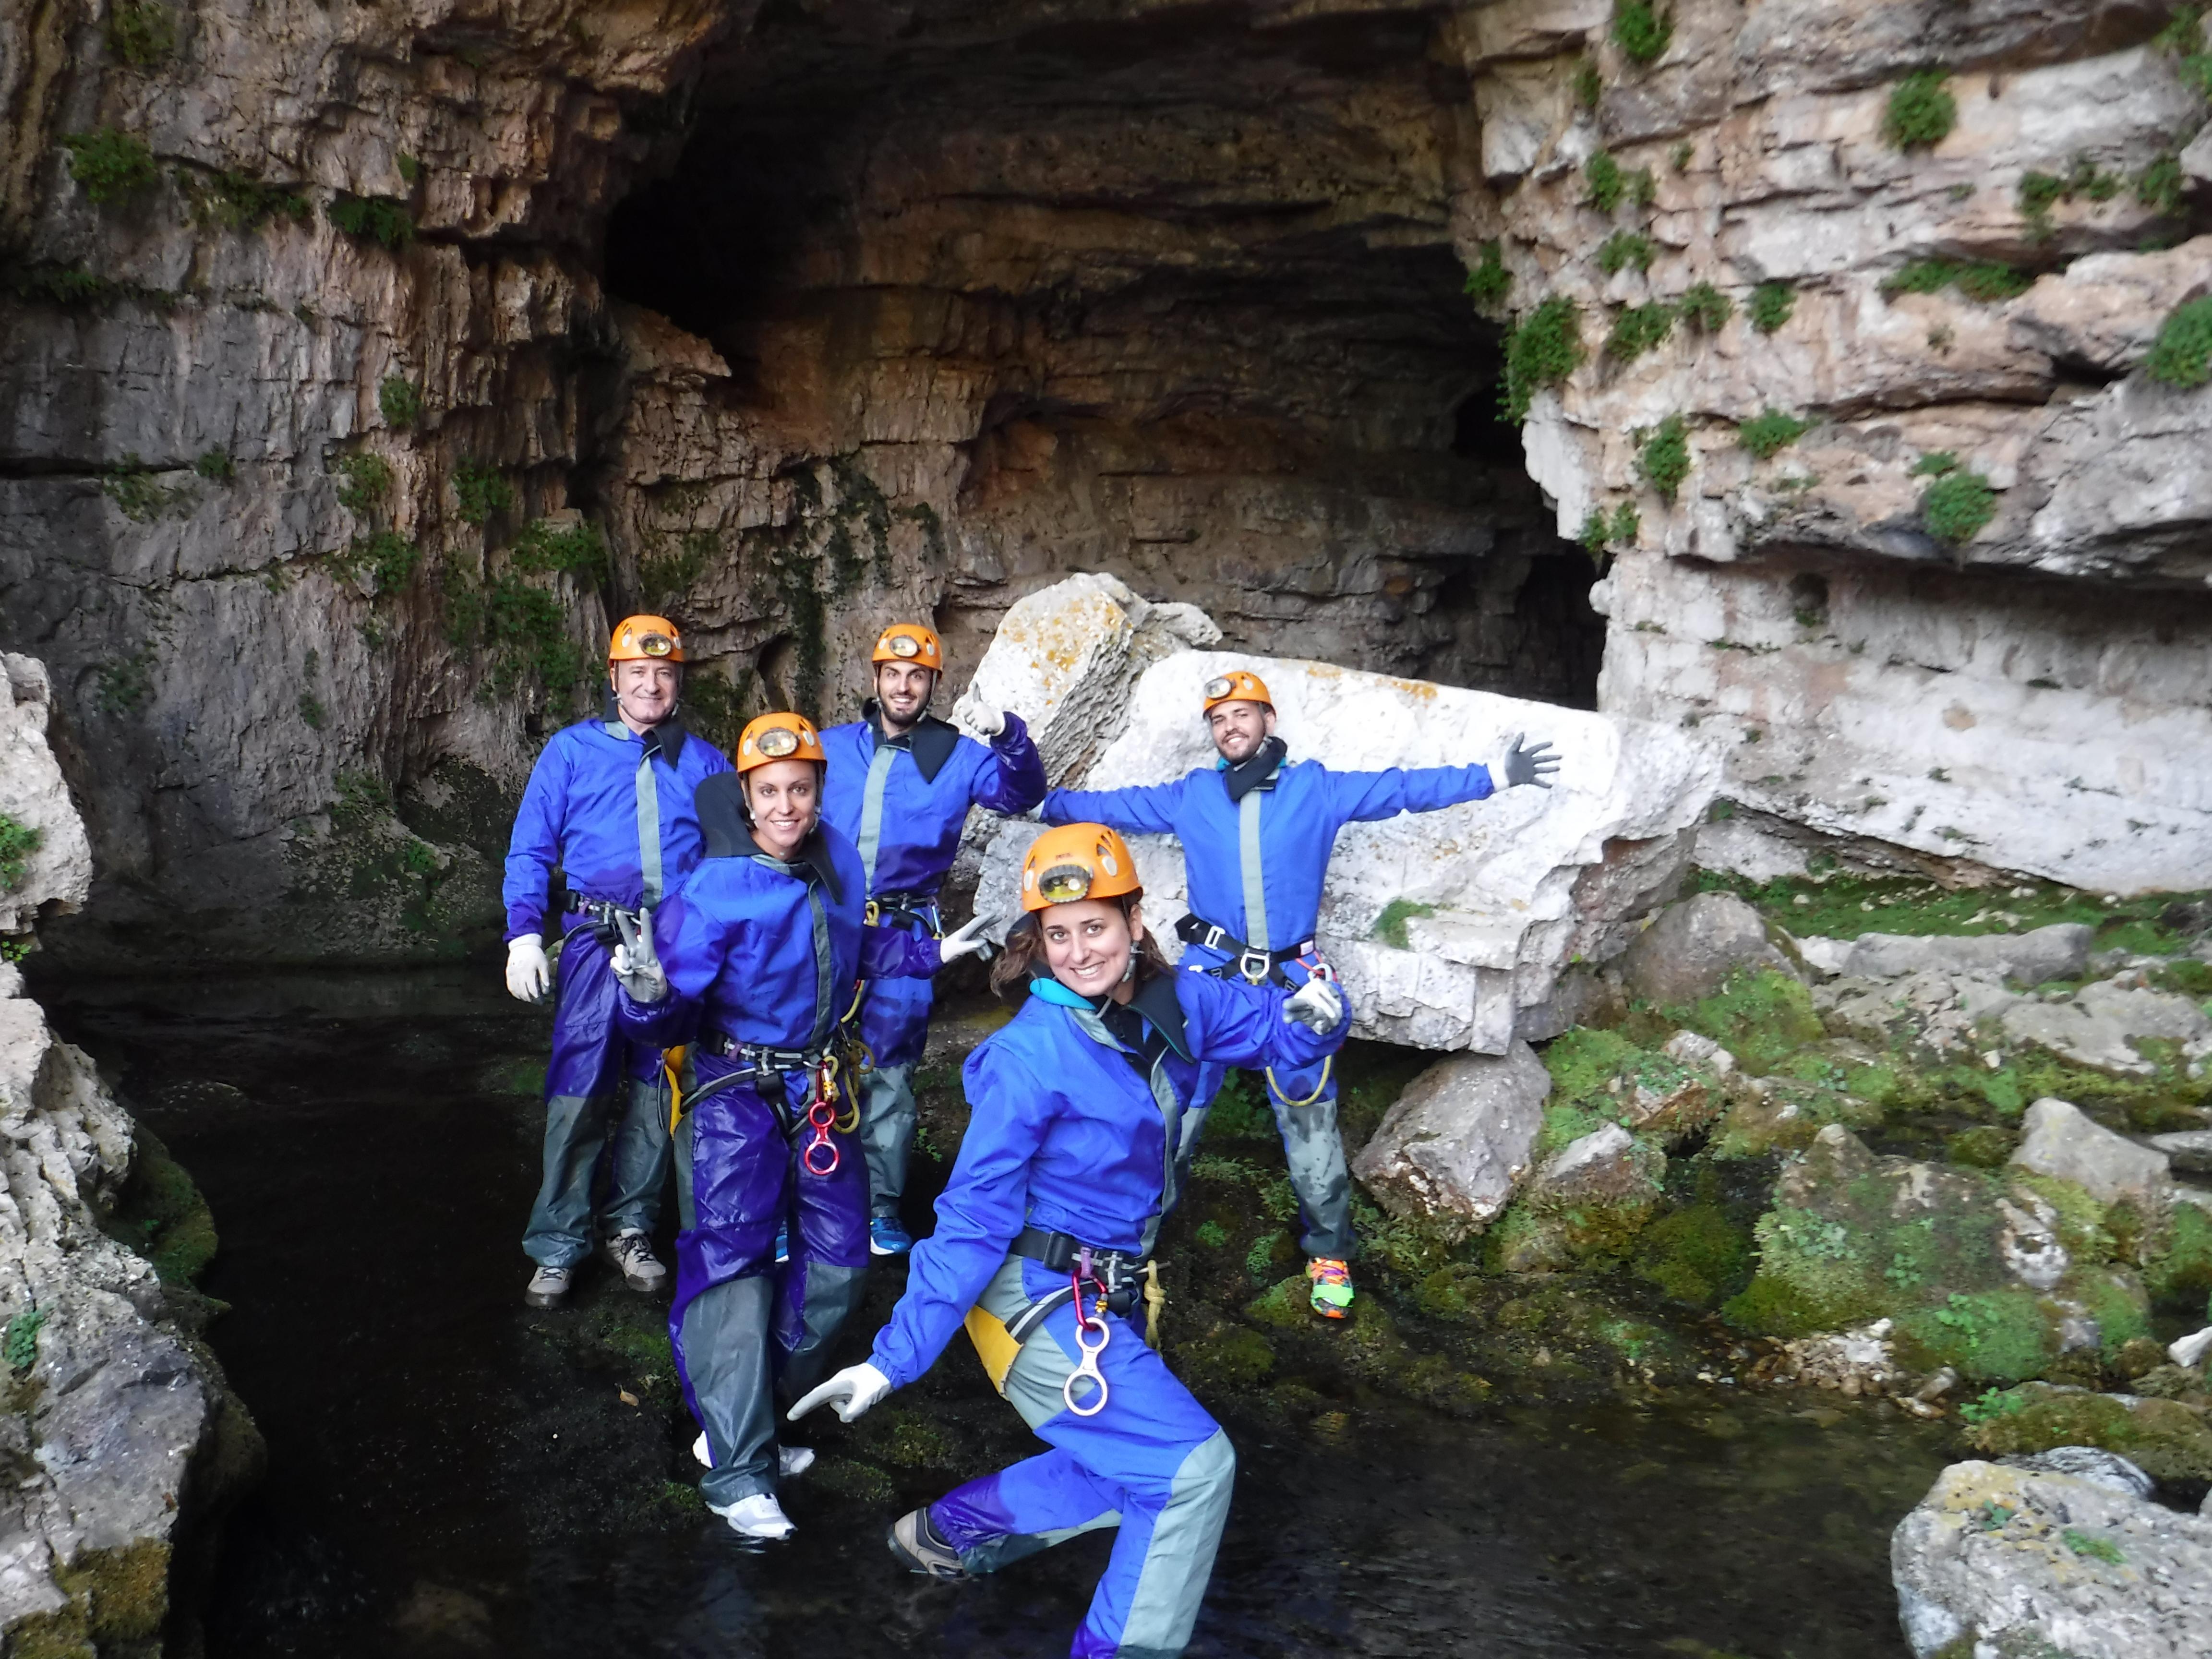 Cueva de los chorros monda